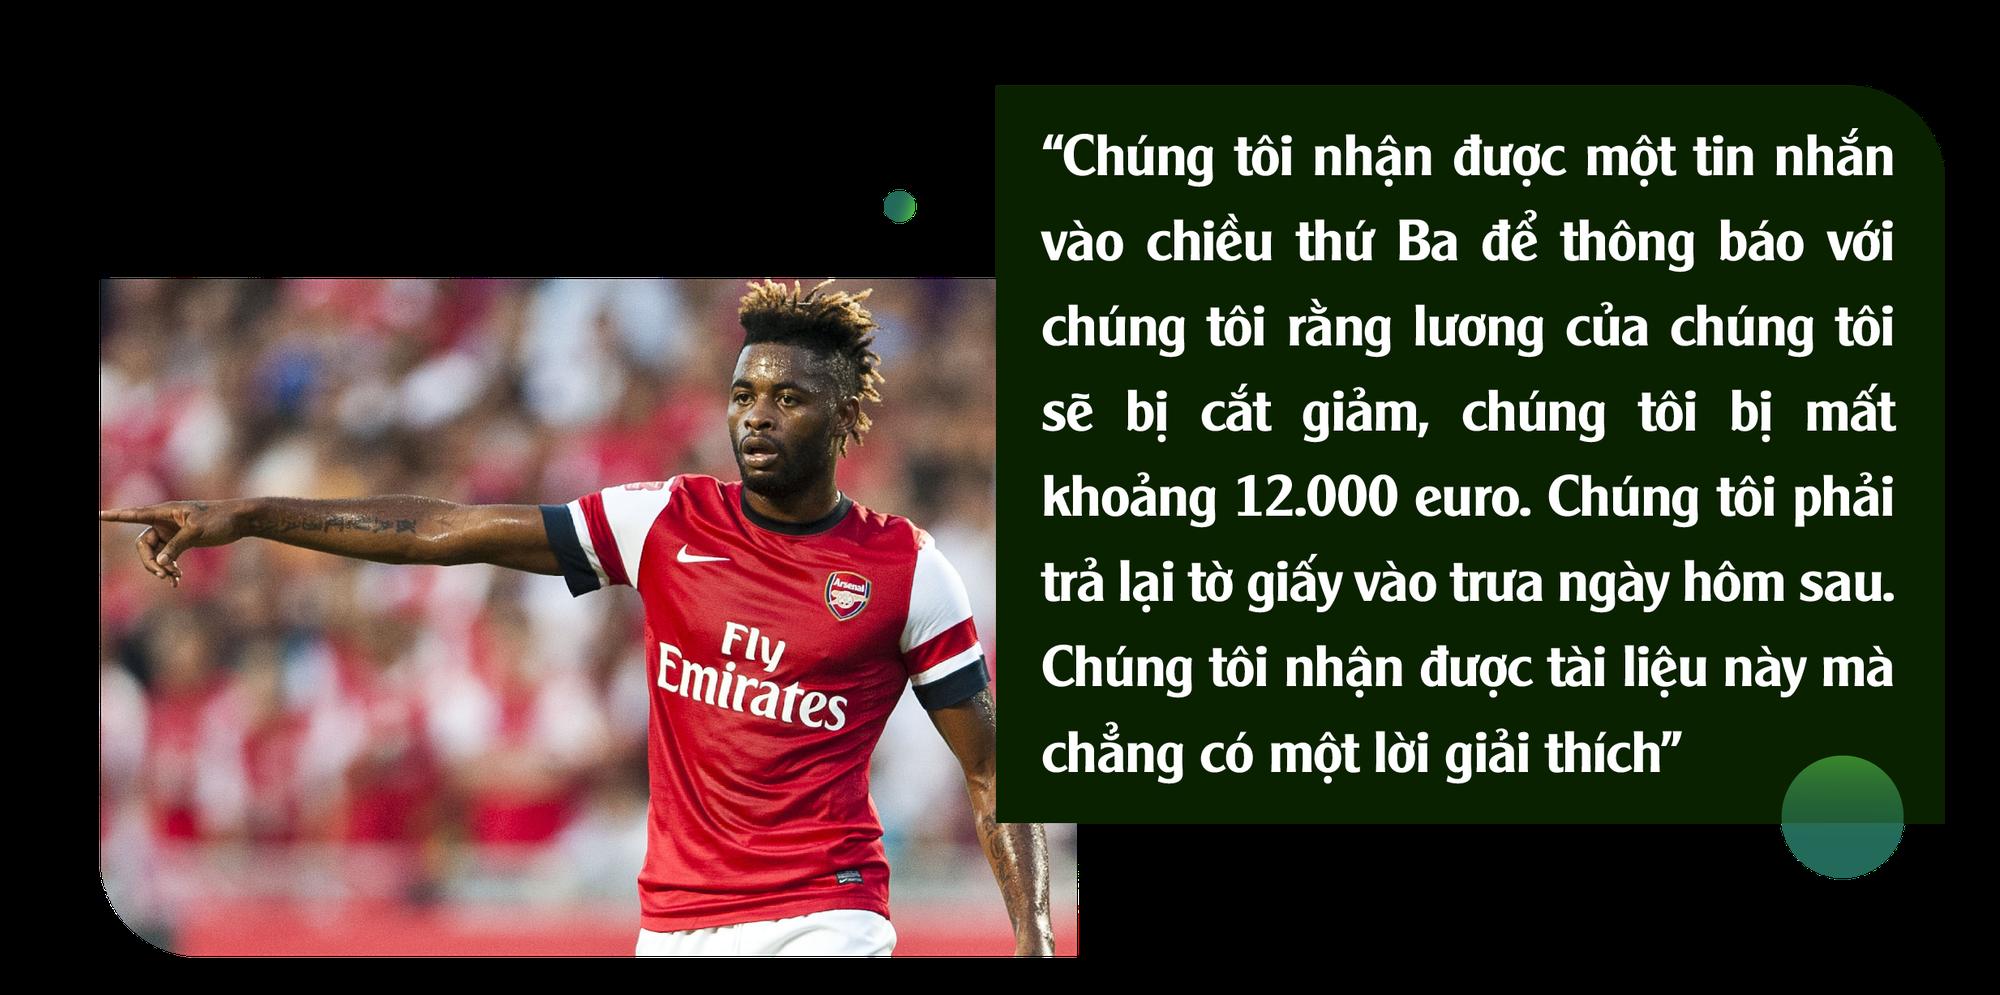 Alex Song: Ký ức nghèo khó và giấc mơ triệu phú đè nát 1 tài năng - Ảnh 14.